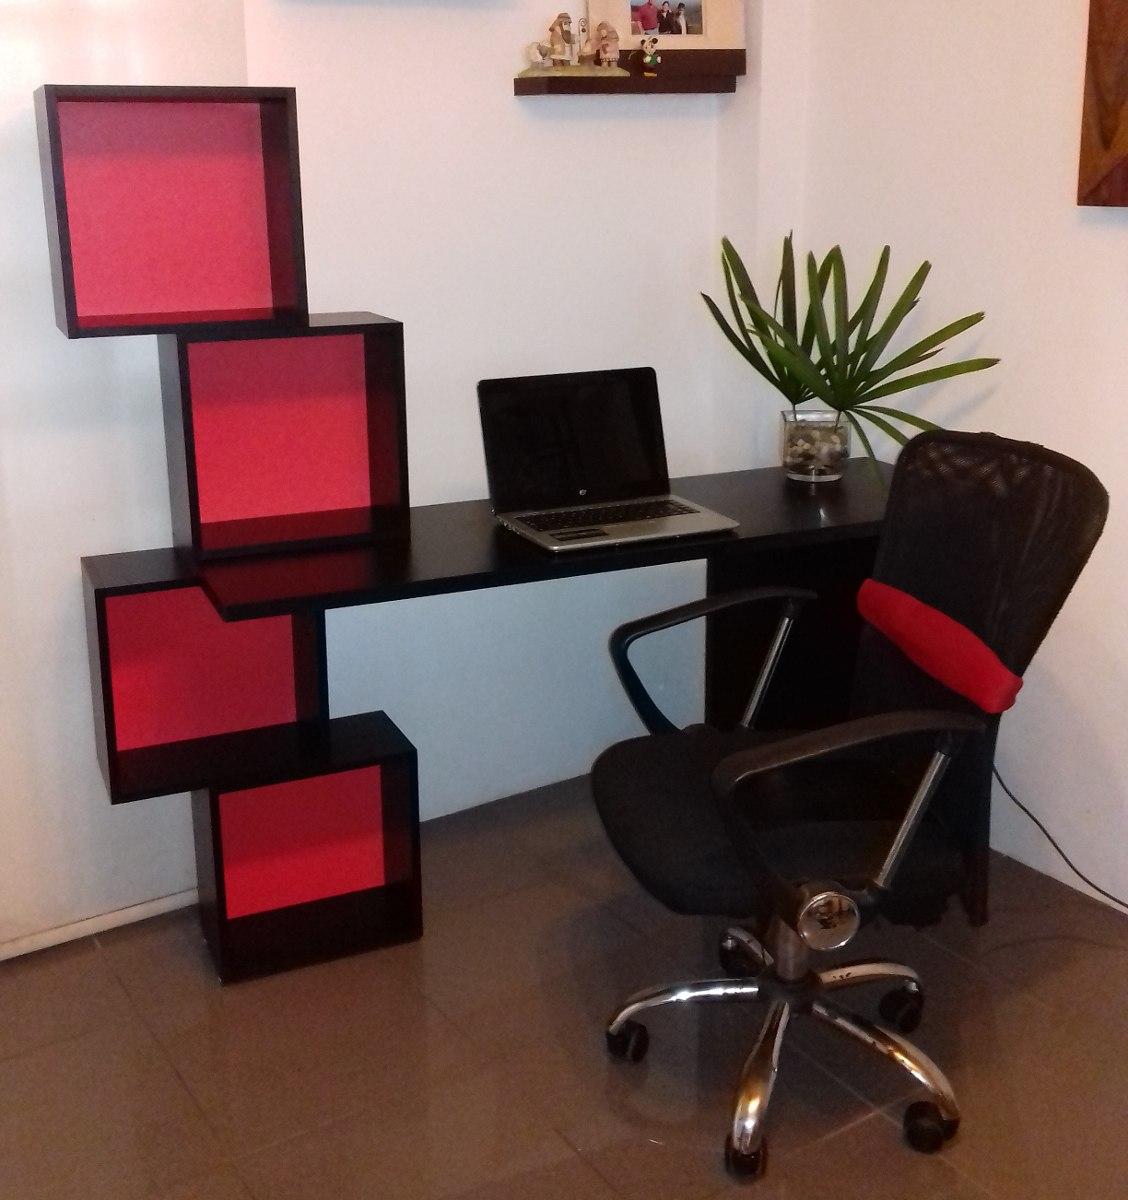 Escritorios modernos elegantes u s 180 00 en mercado libre for Muebles de oficina modernos bogota